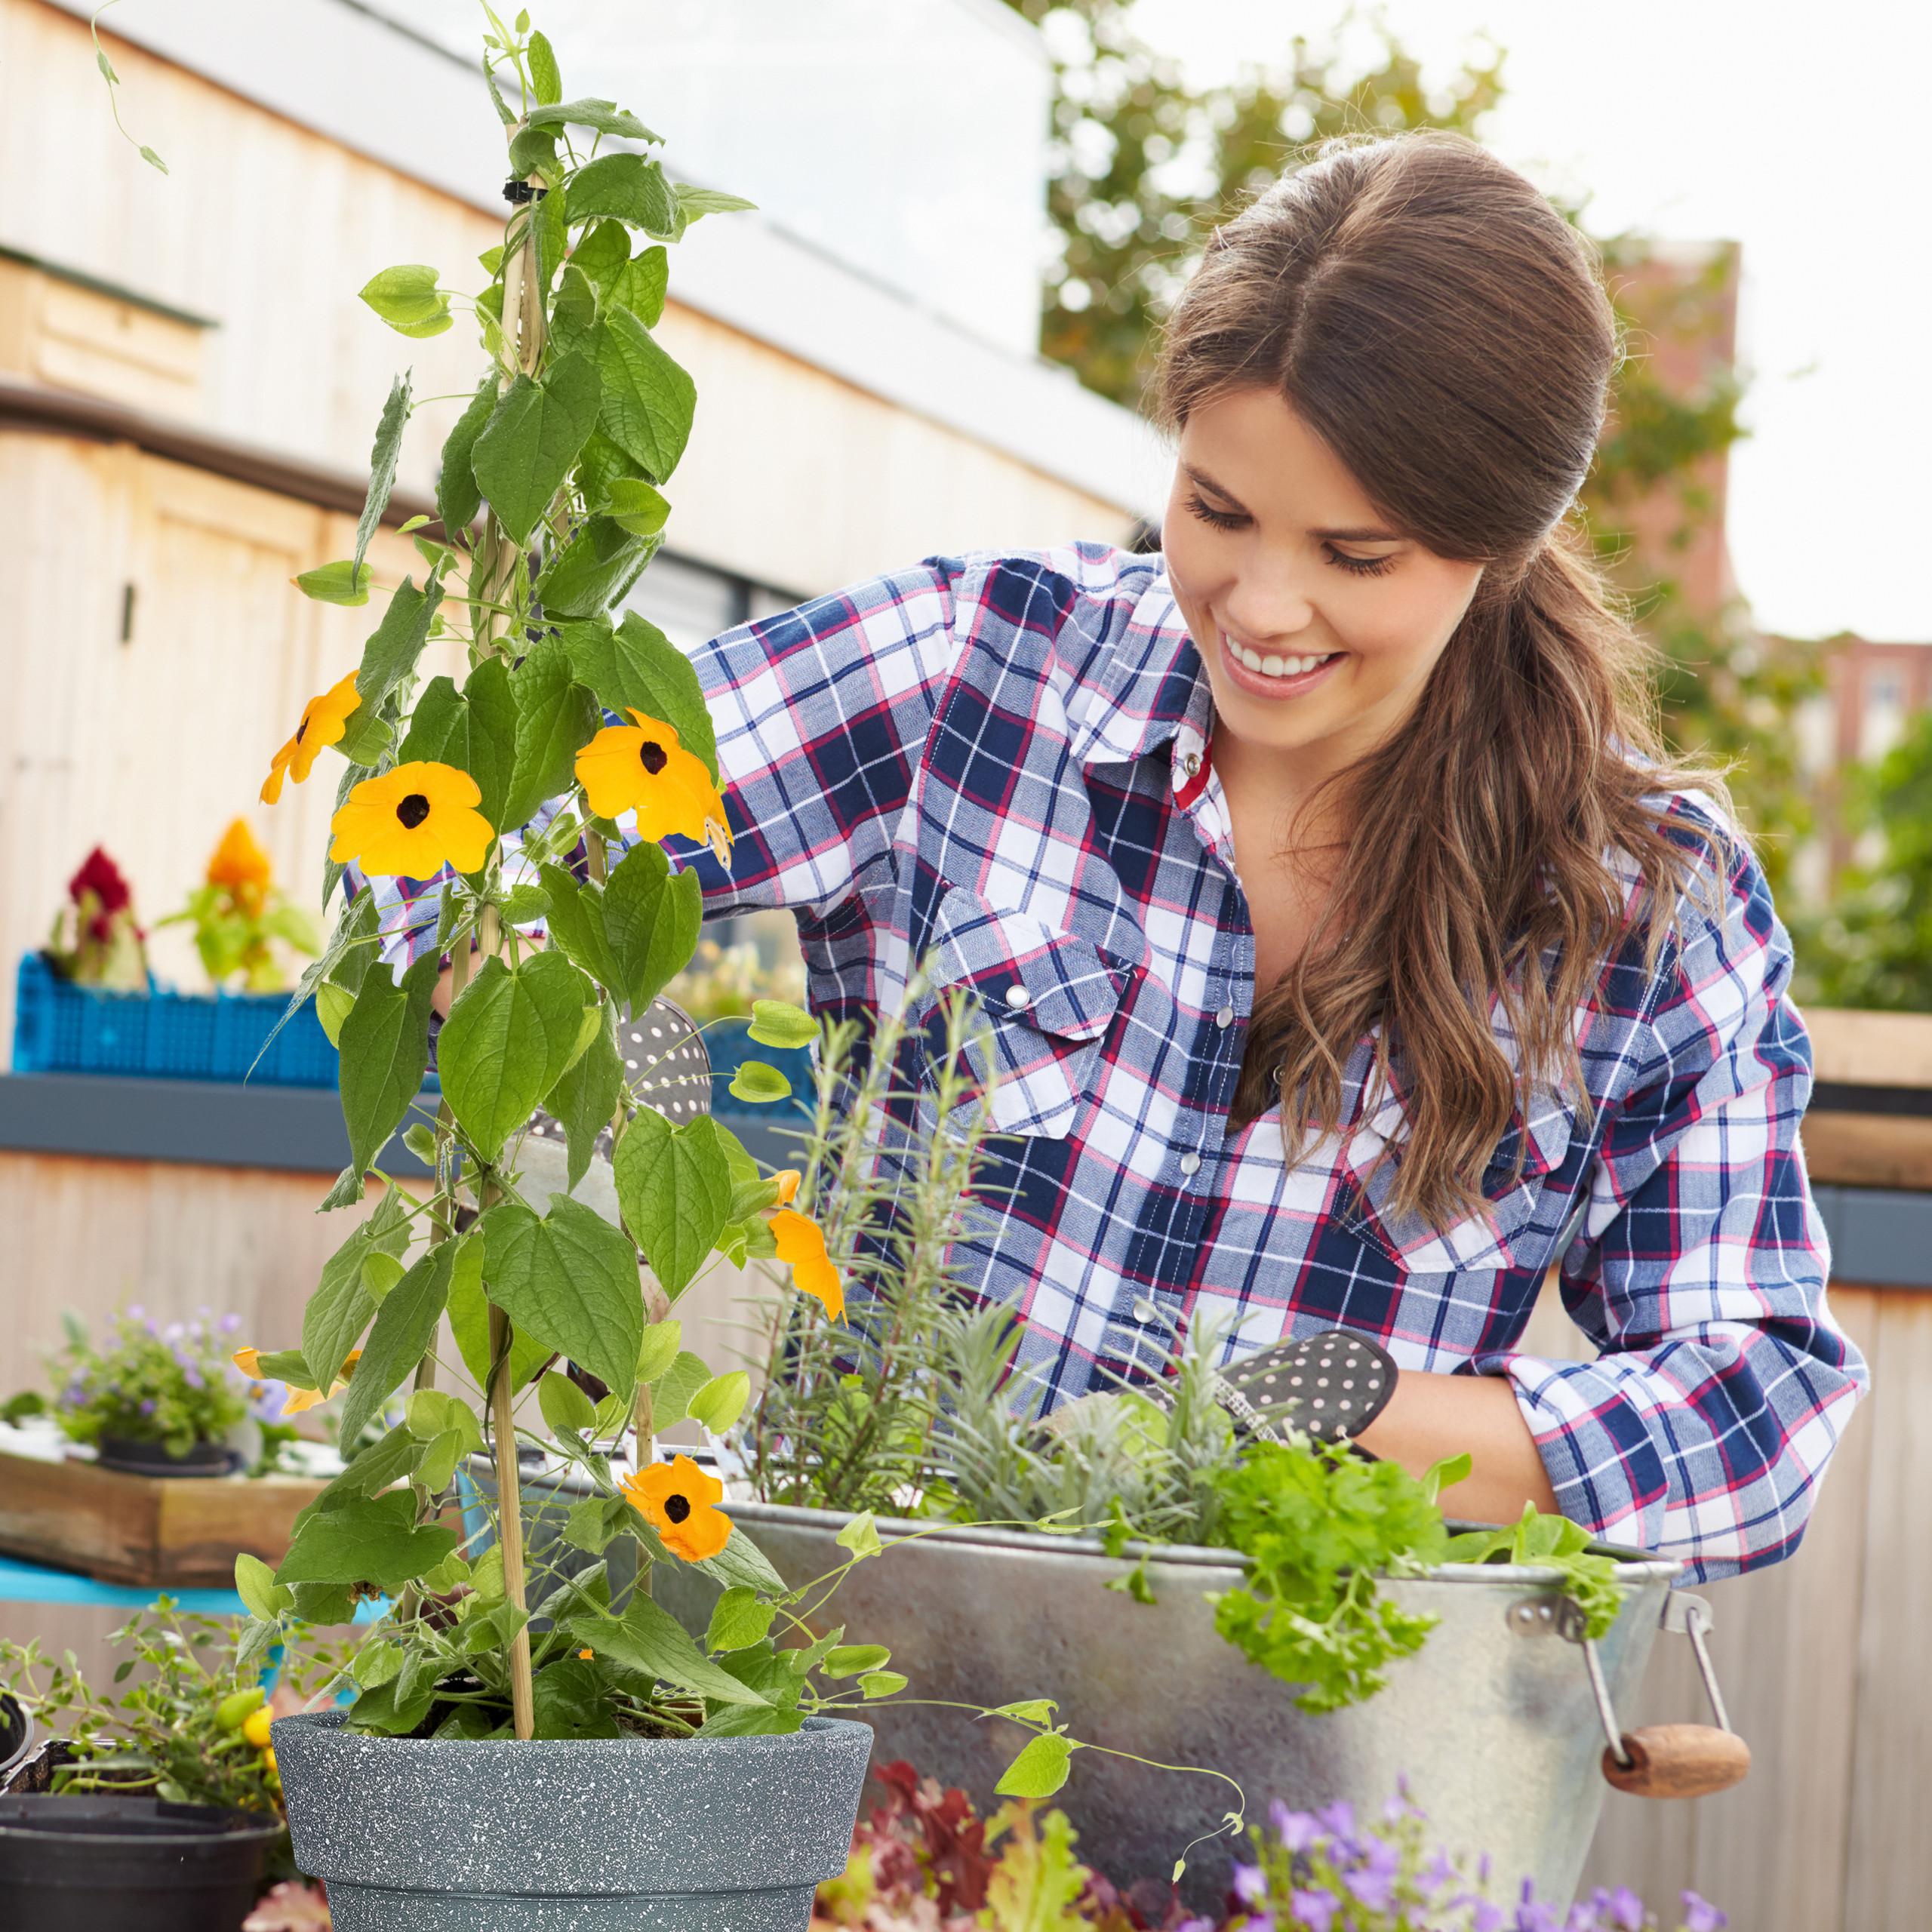 Pots-a-plantes-en-lot-de-2-ronds-Sceaux-a-plantes-Pots-ronds-Plastique-Fleurs miniature 5